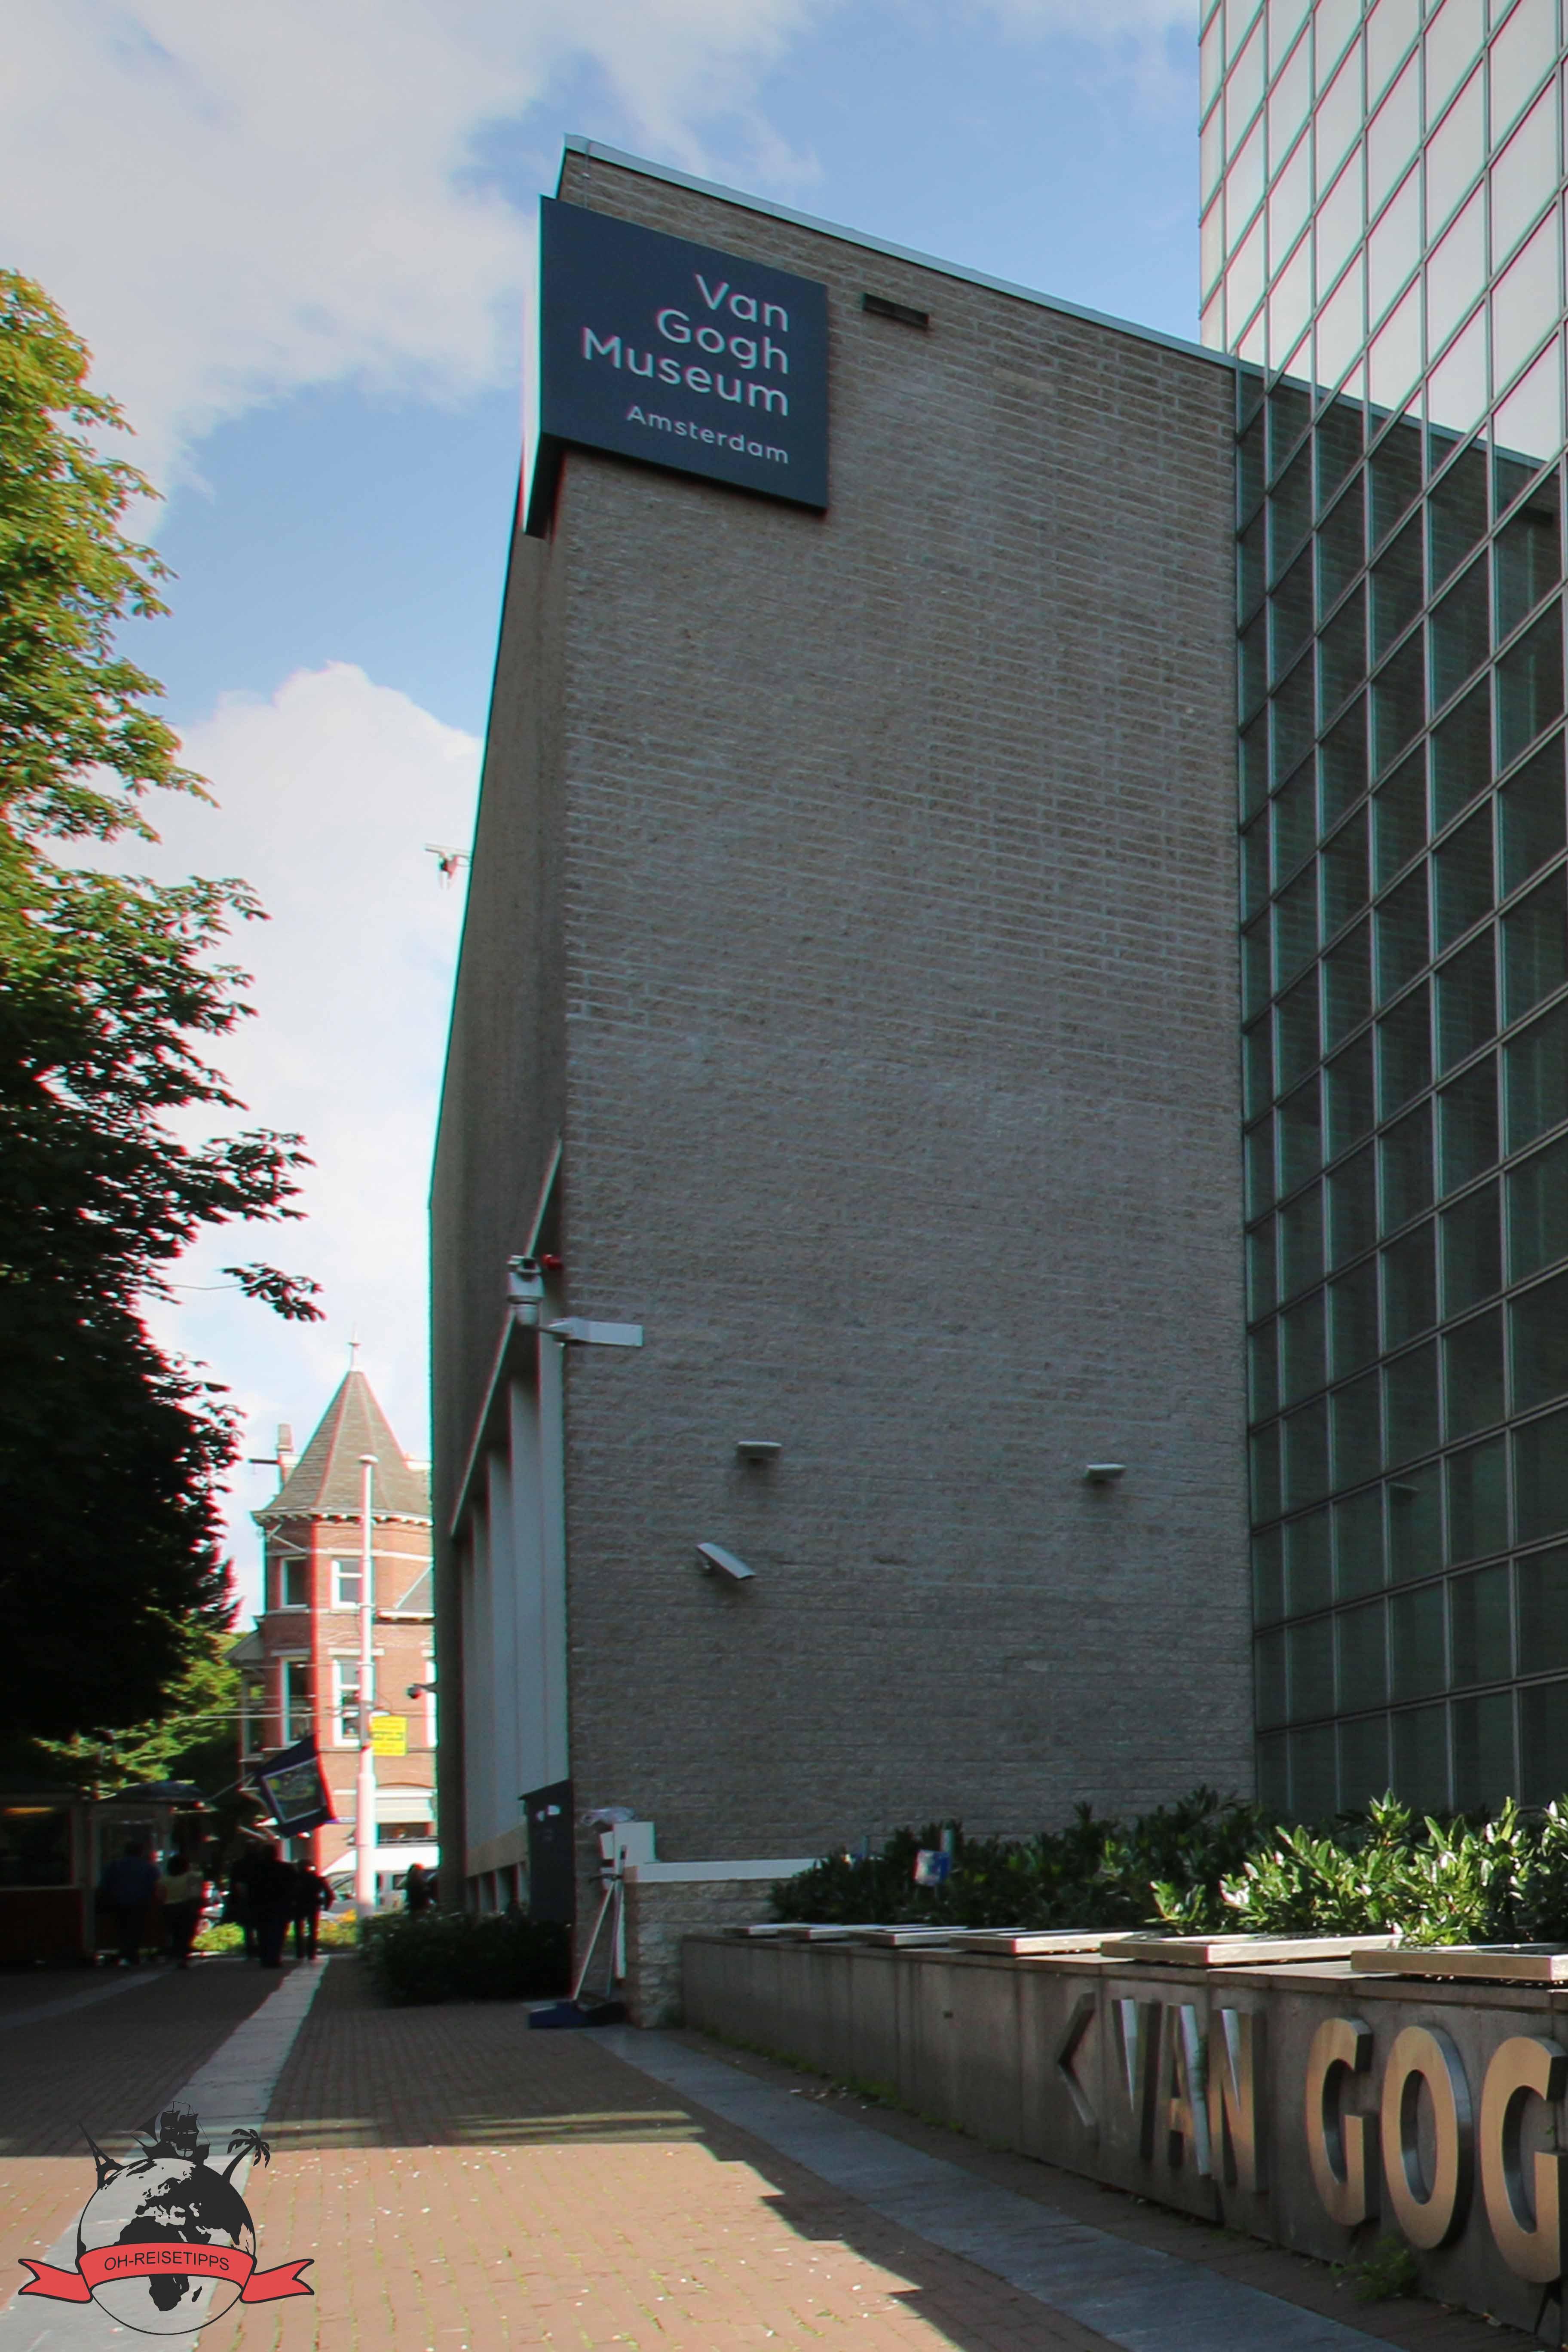 niederlande-amsterdam-van-gogh-museum